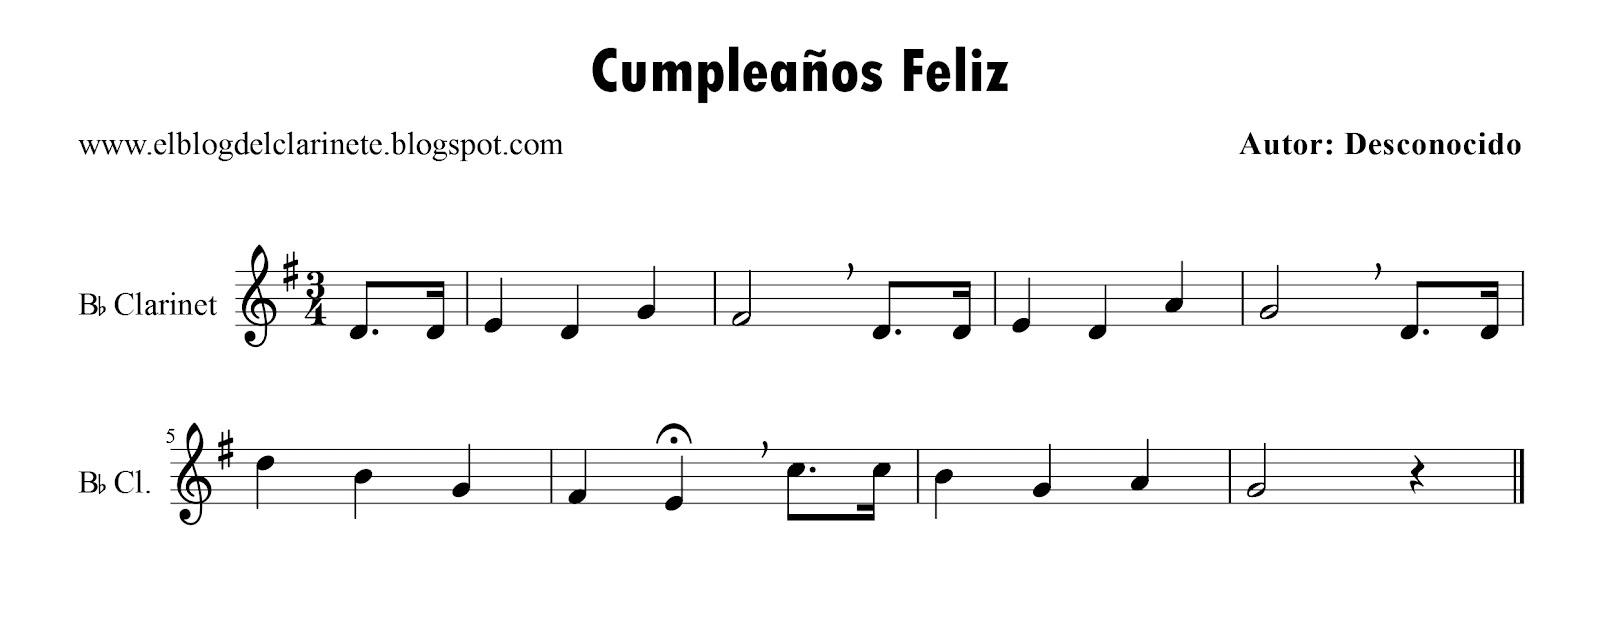 El blog del clarinete cumplea os feliz clarinete si b - Cumpleanos feliz piano ...